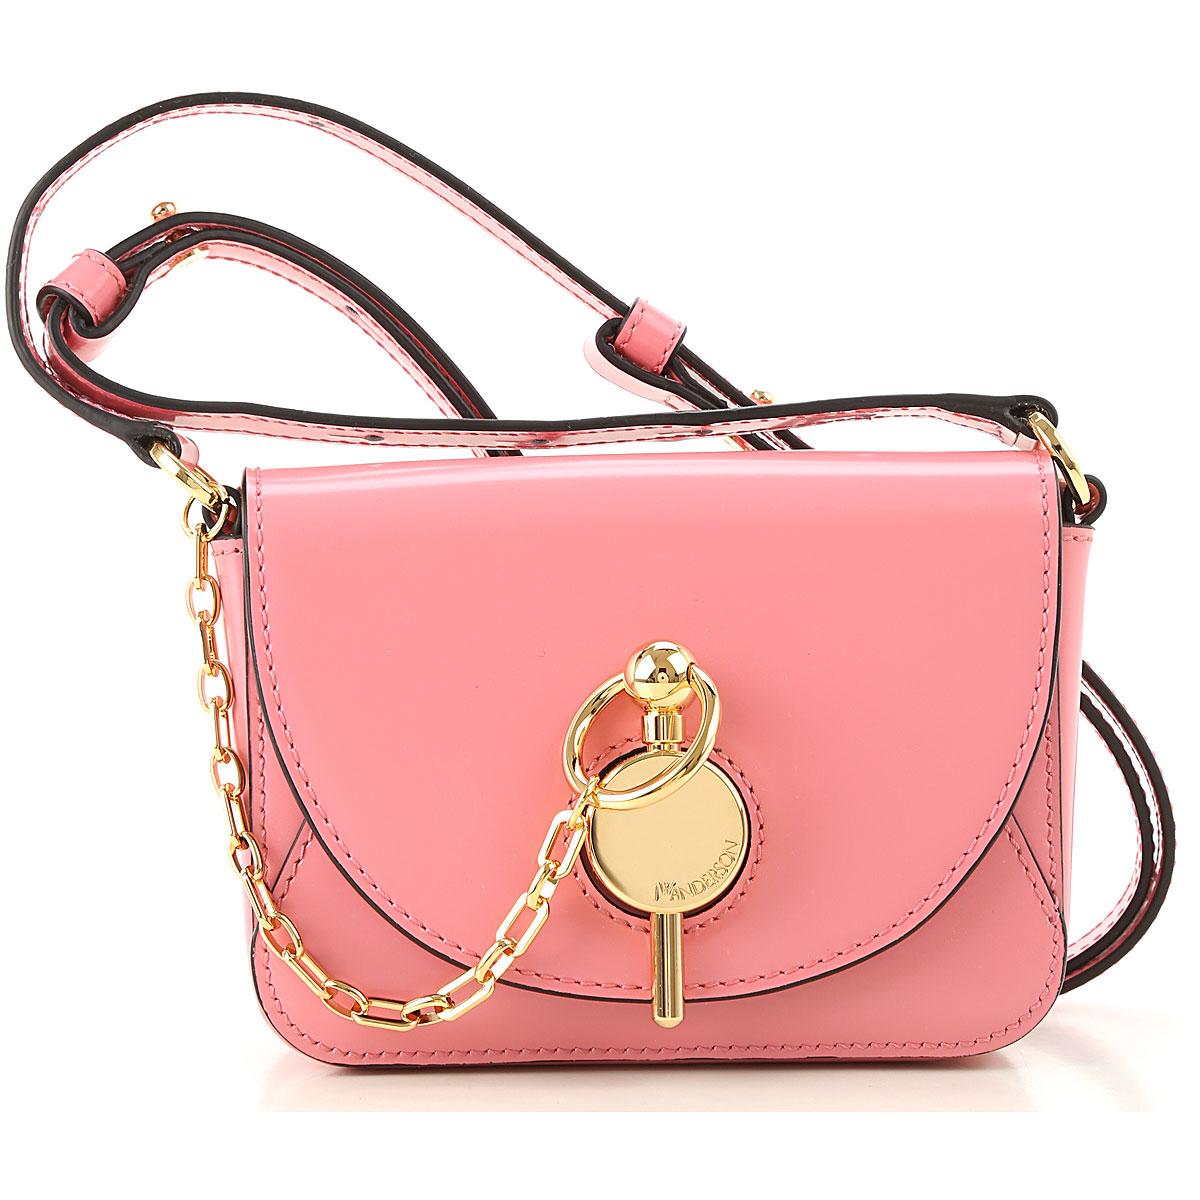 JW Anderson Shoulder Bag for Women, Pink, Leather, 2019